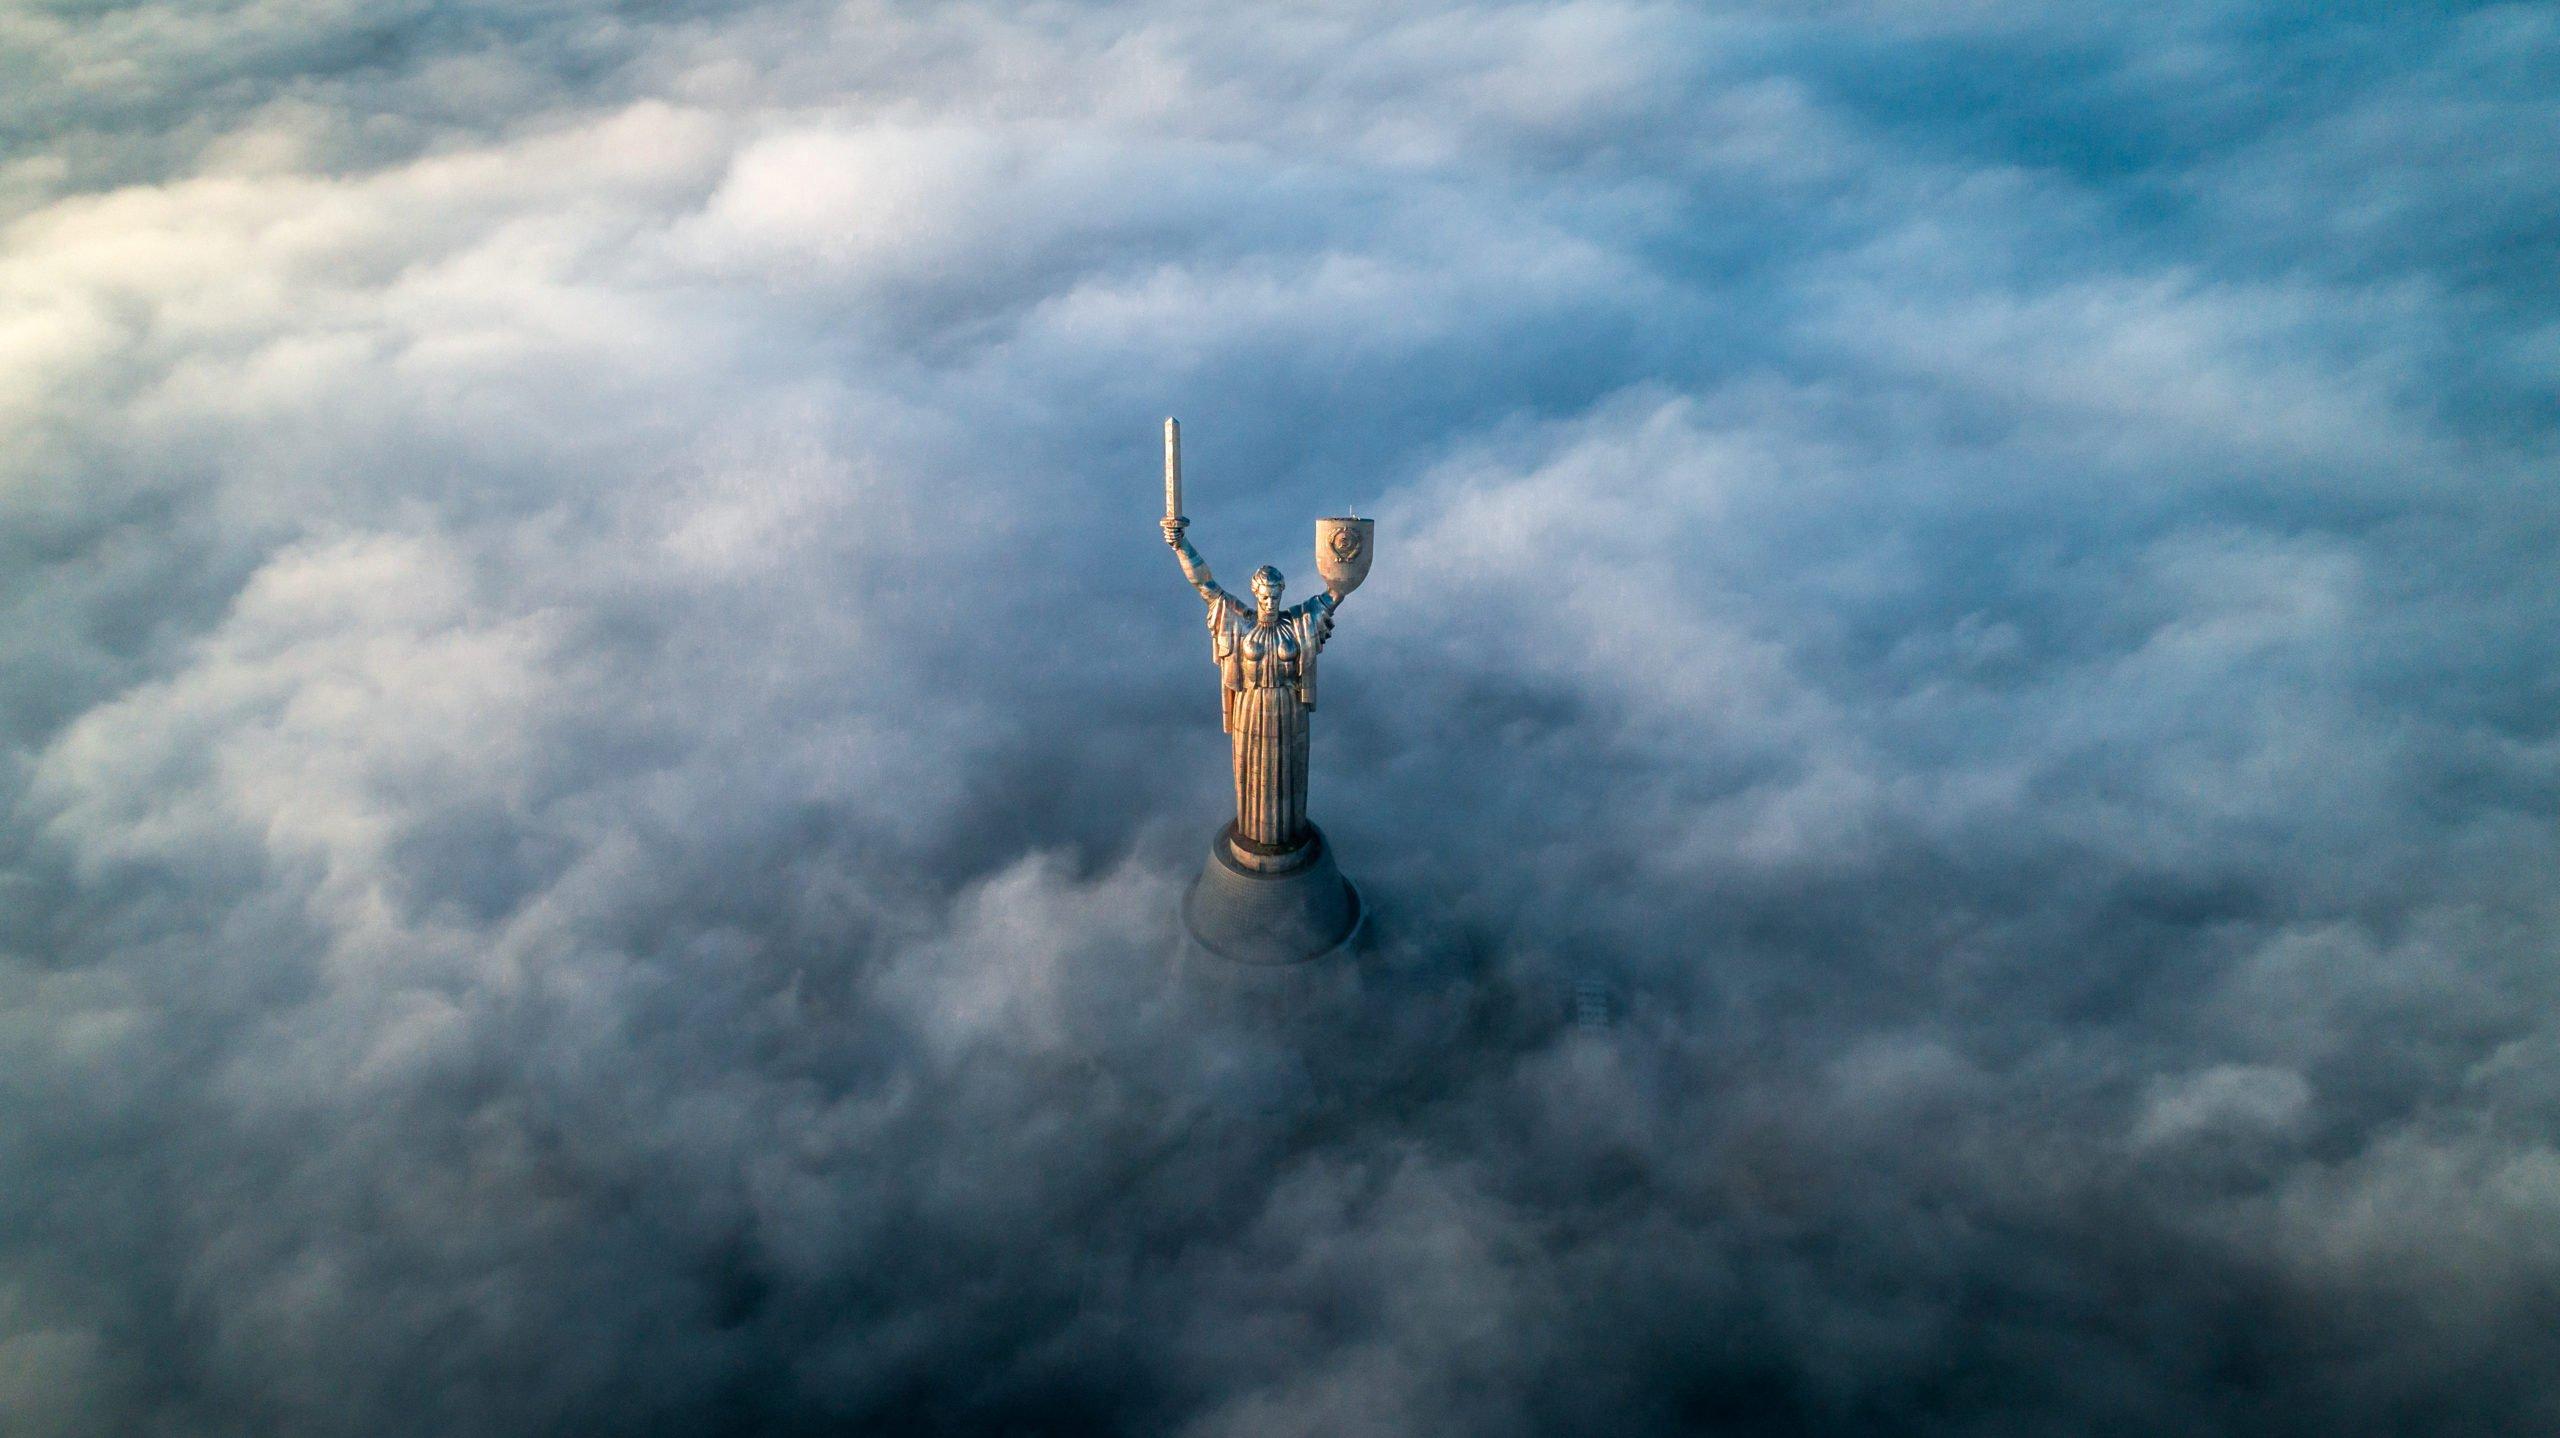 By LALS STOCK - Shutterstock - Statue in Kiev